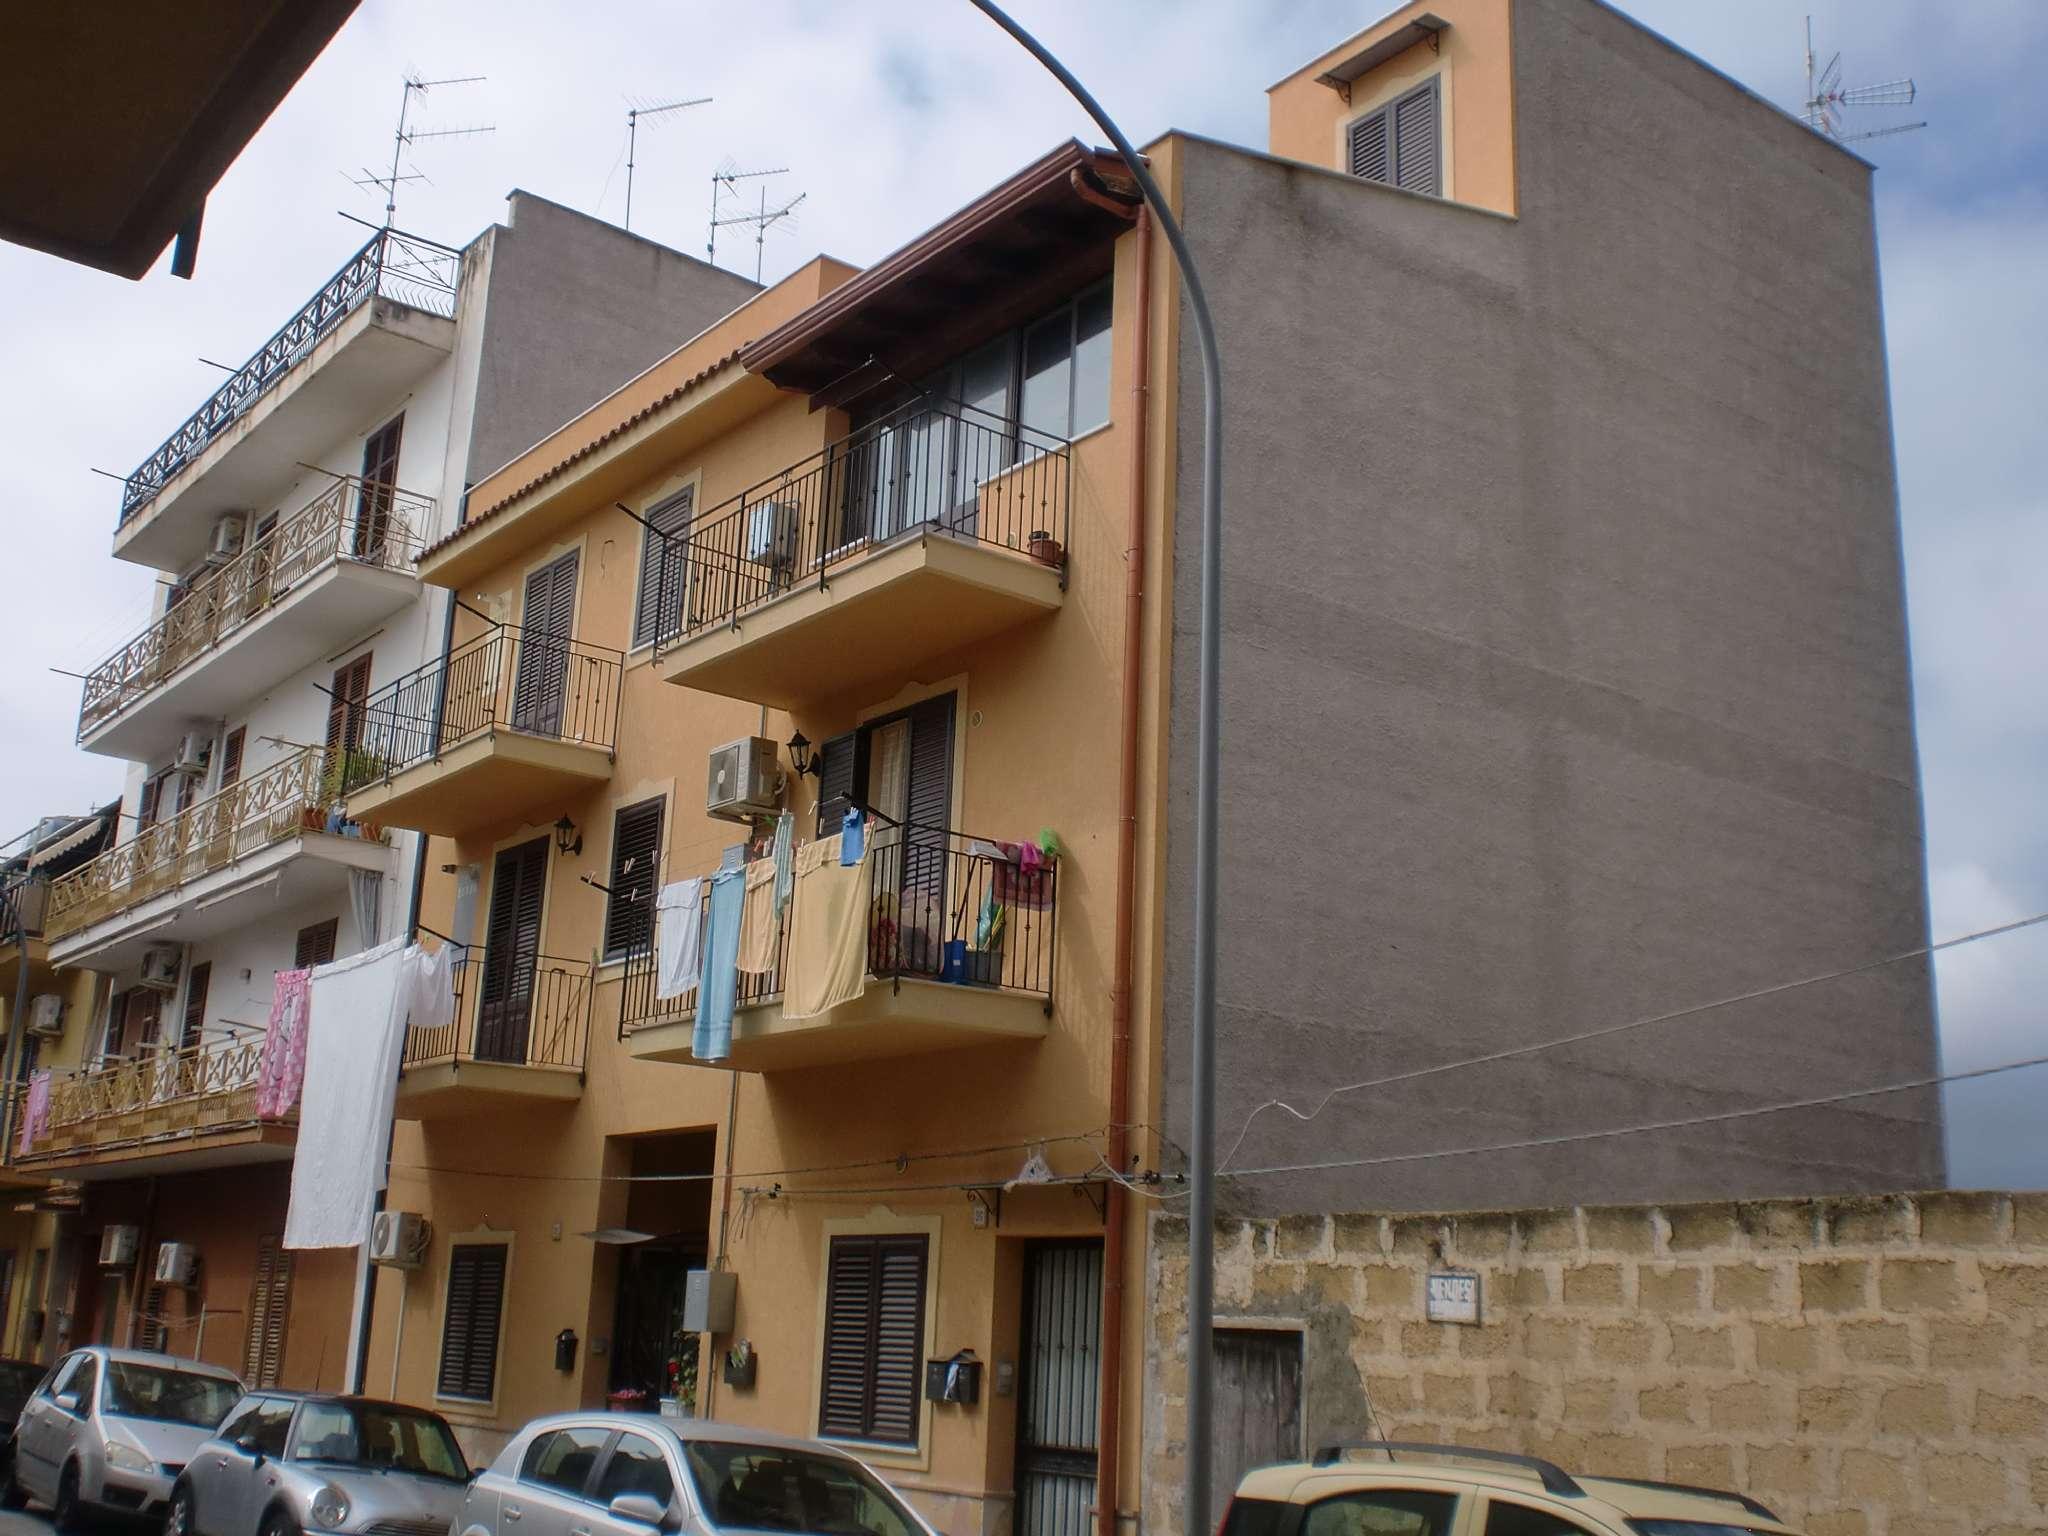 Appartamento 5 locali in vendita a Santa Flavia (PA)